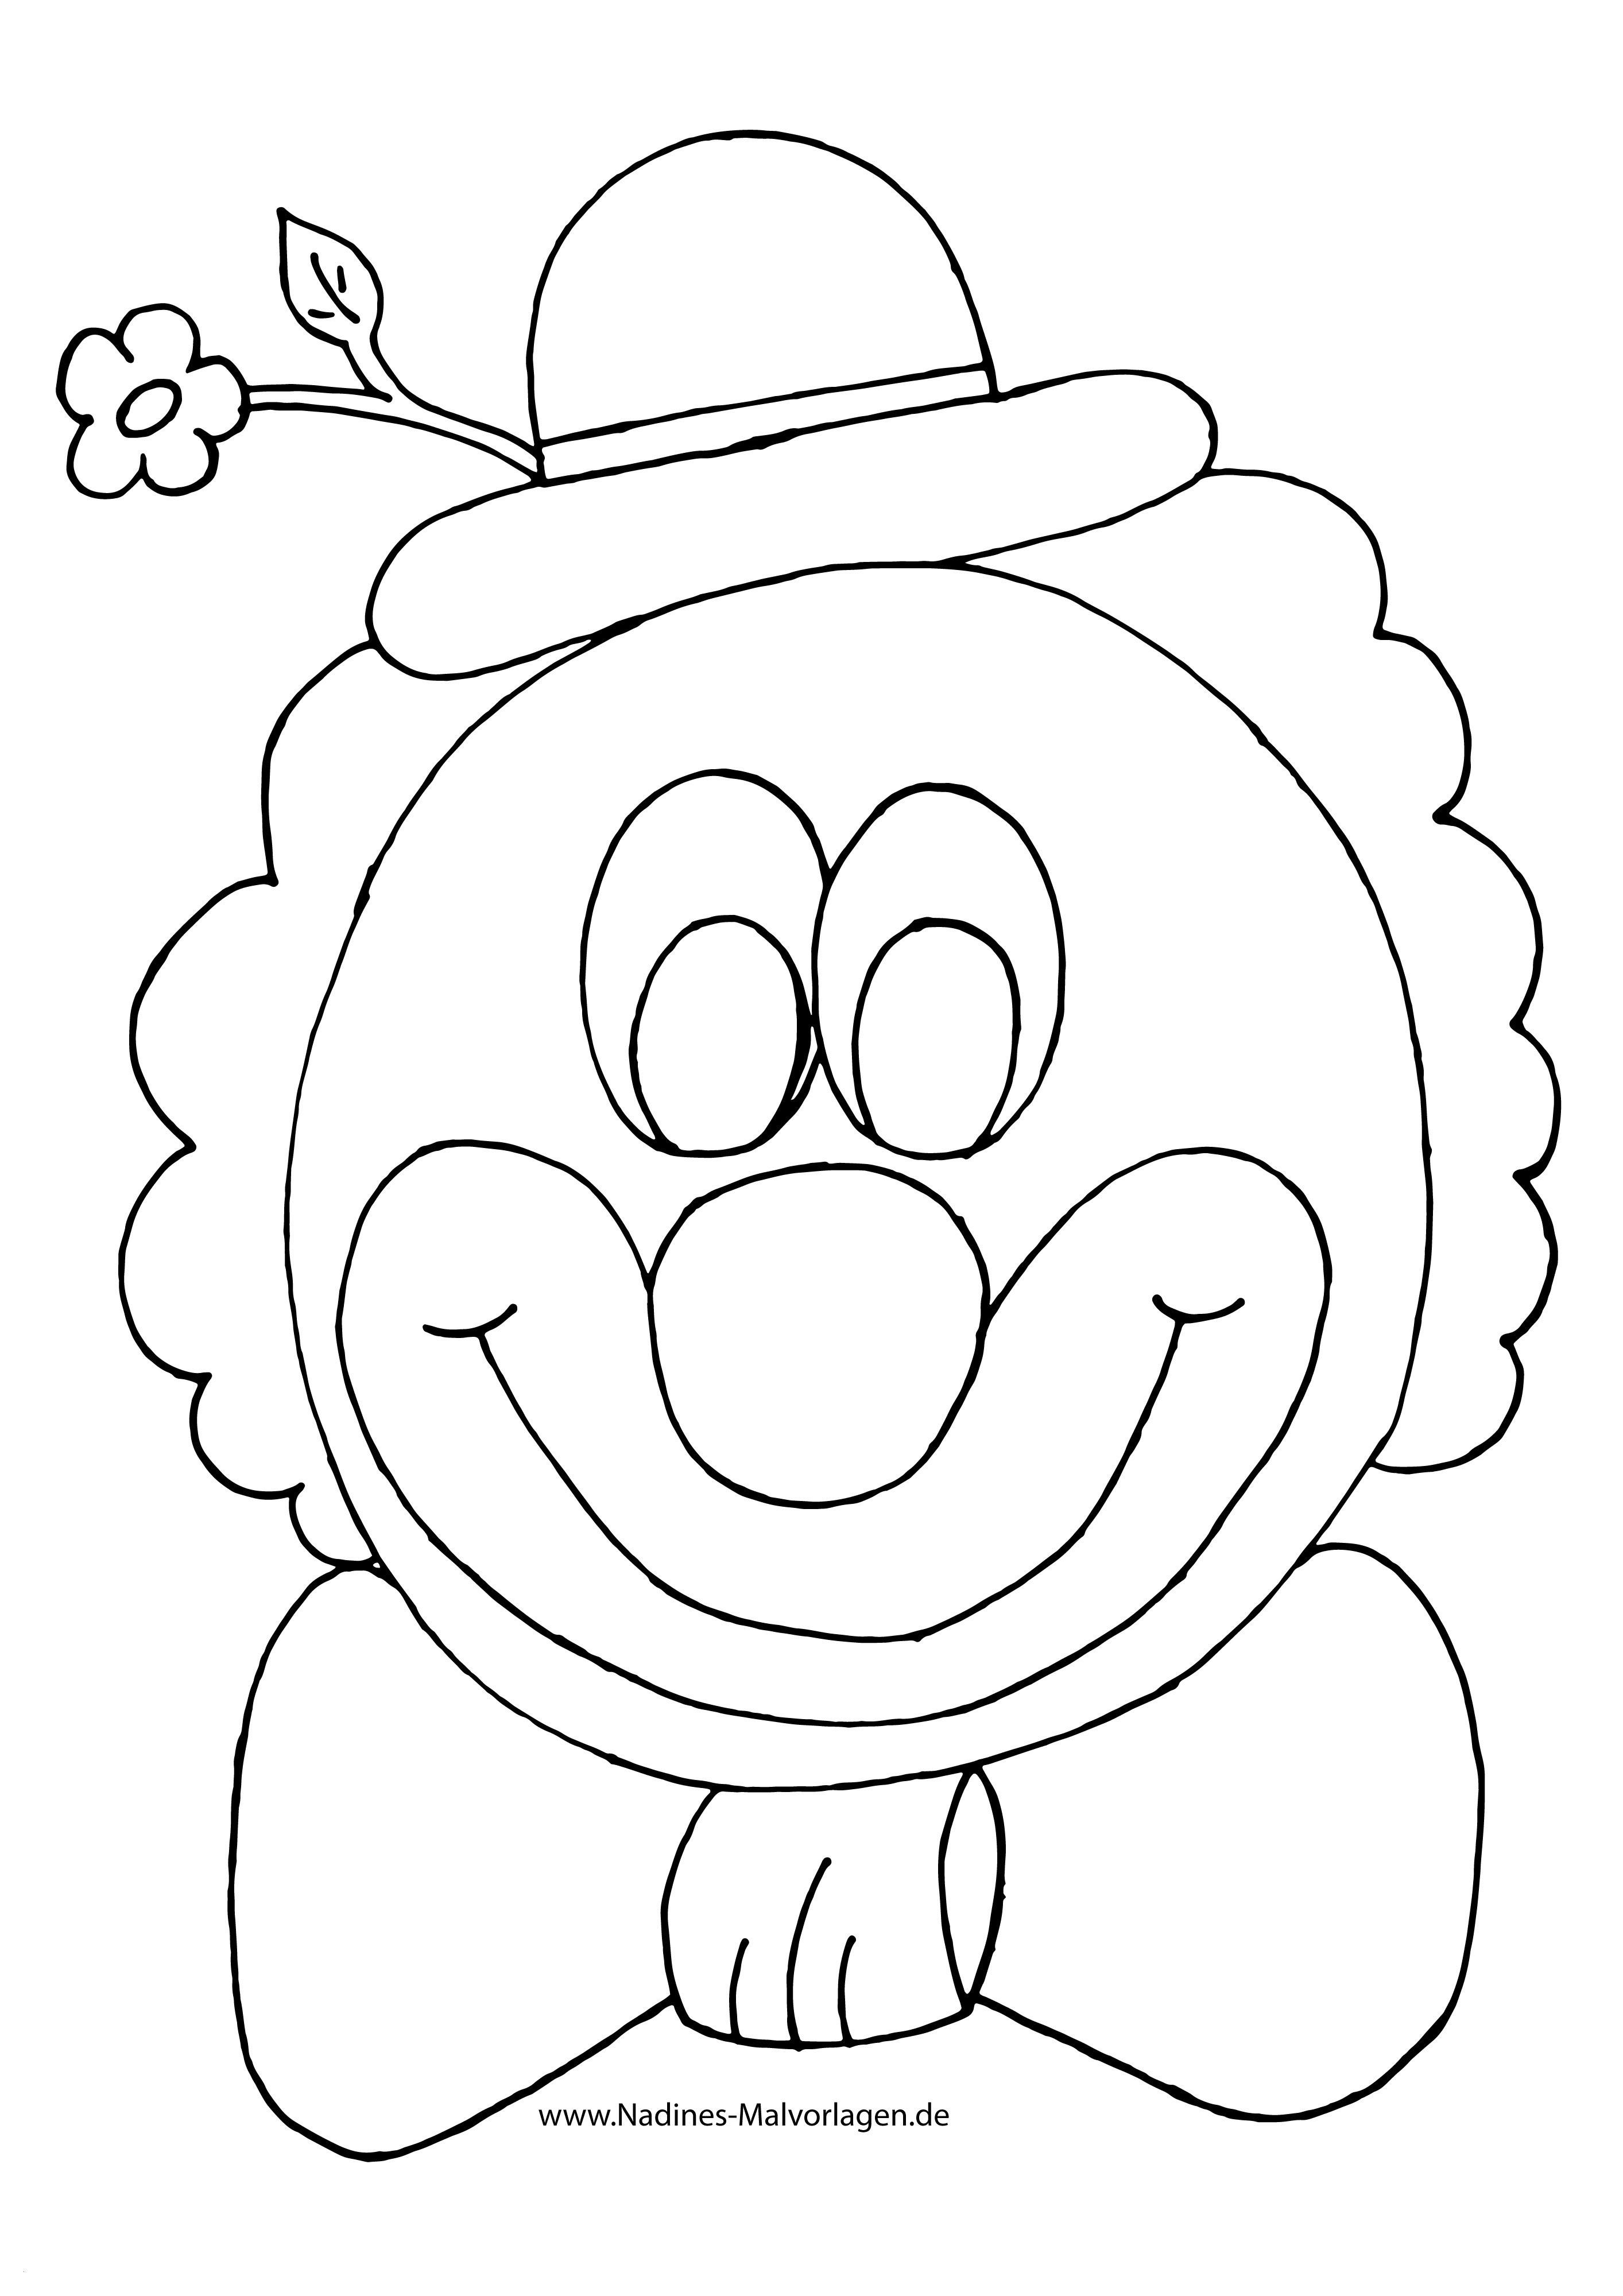 Fasching Ausmalbilder Clown Frisch 45 Luxus Clownkopf Ausmalbilder Mickeycarrollmunchkin Fotos